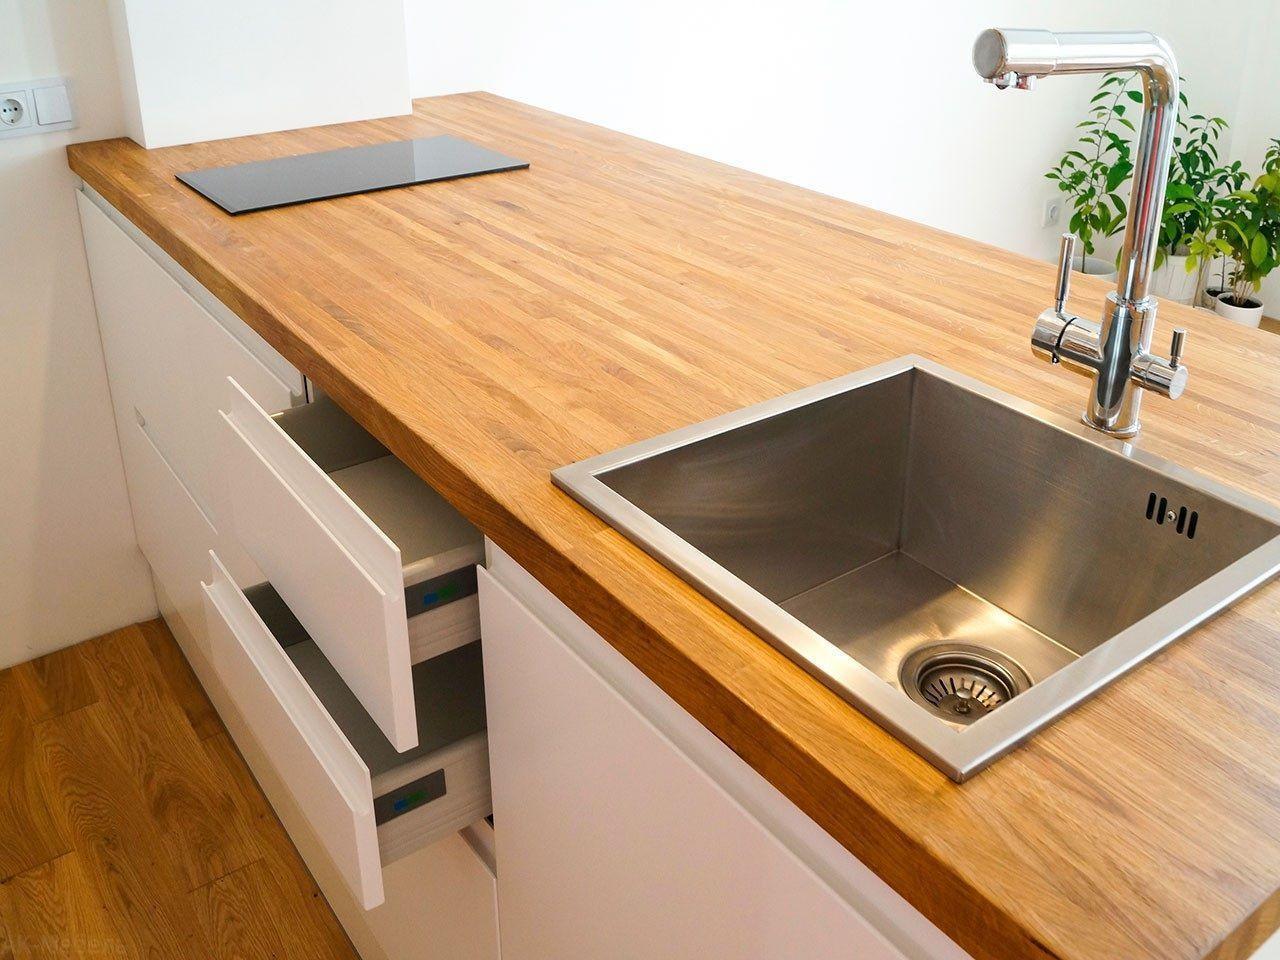 Квадратна кухонна стільниця з натурального дерева Харків